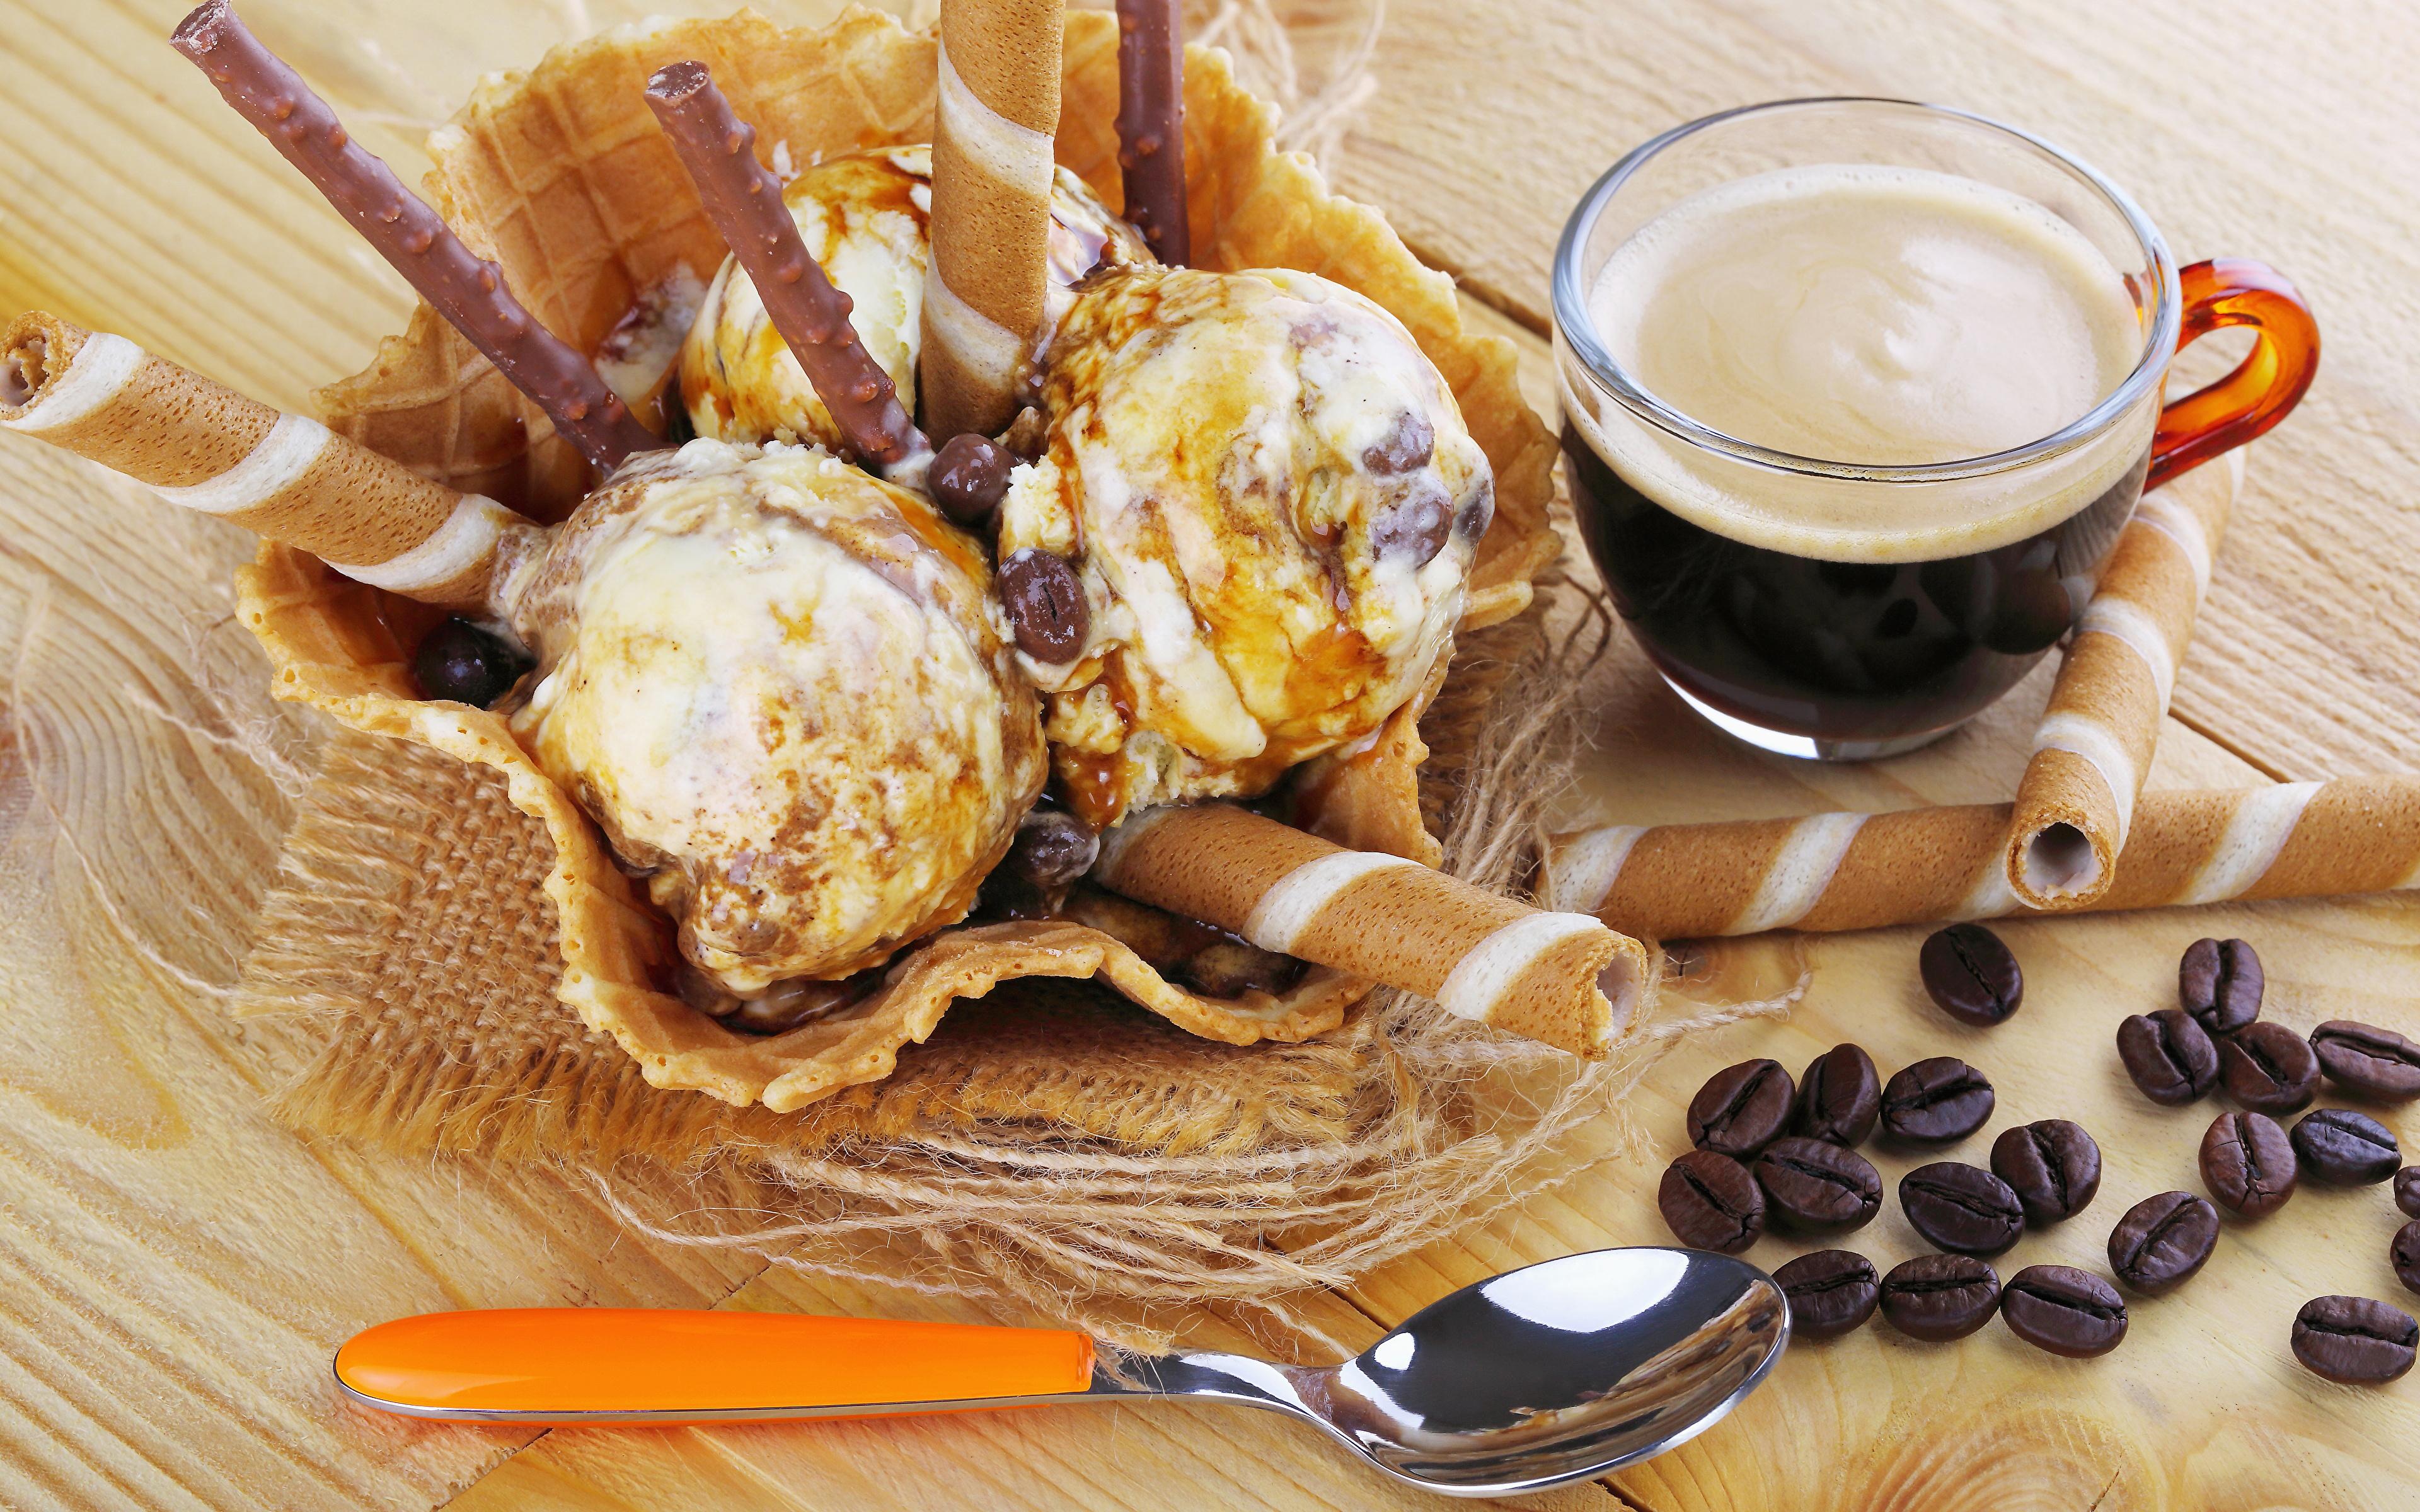 Обои для рабочего стола Кофе Мороженое зерно Еда ложки чашке сладкая еда Доски 3840x2400 Зерна Пища Ложка Чашка Продукты питания Сладости